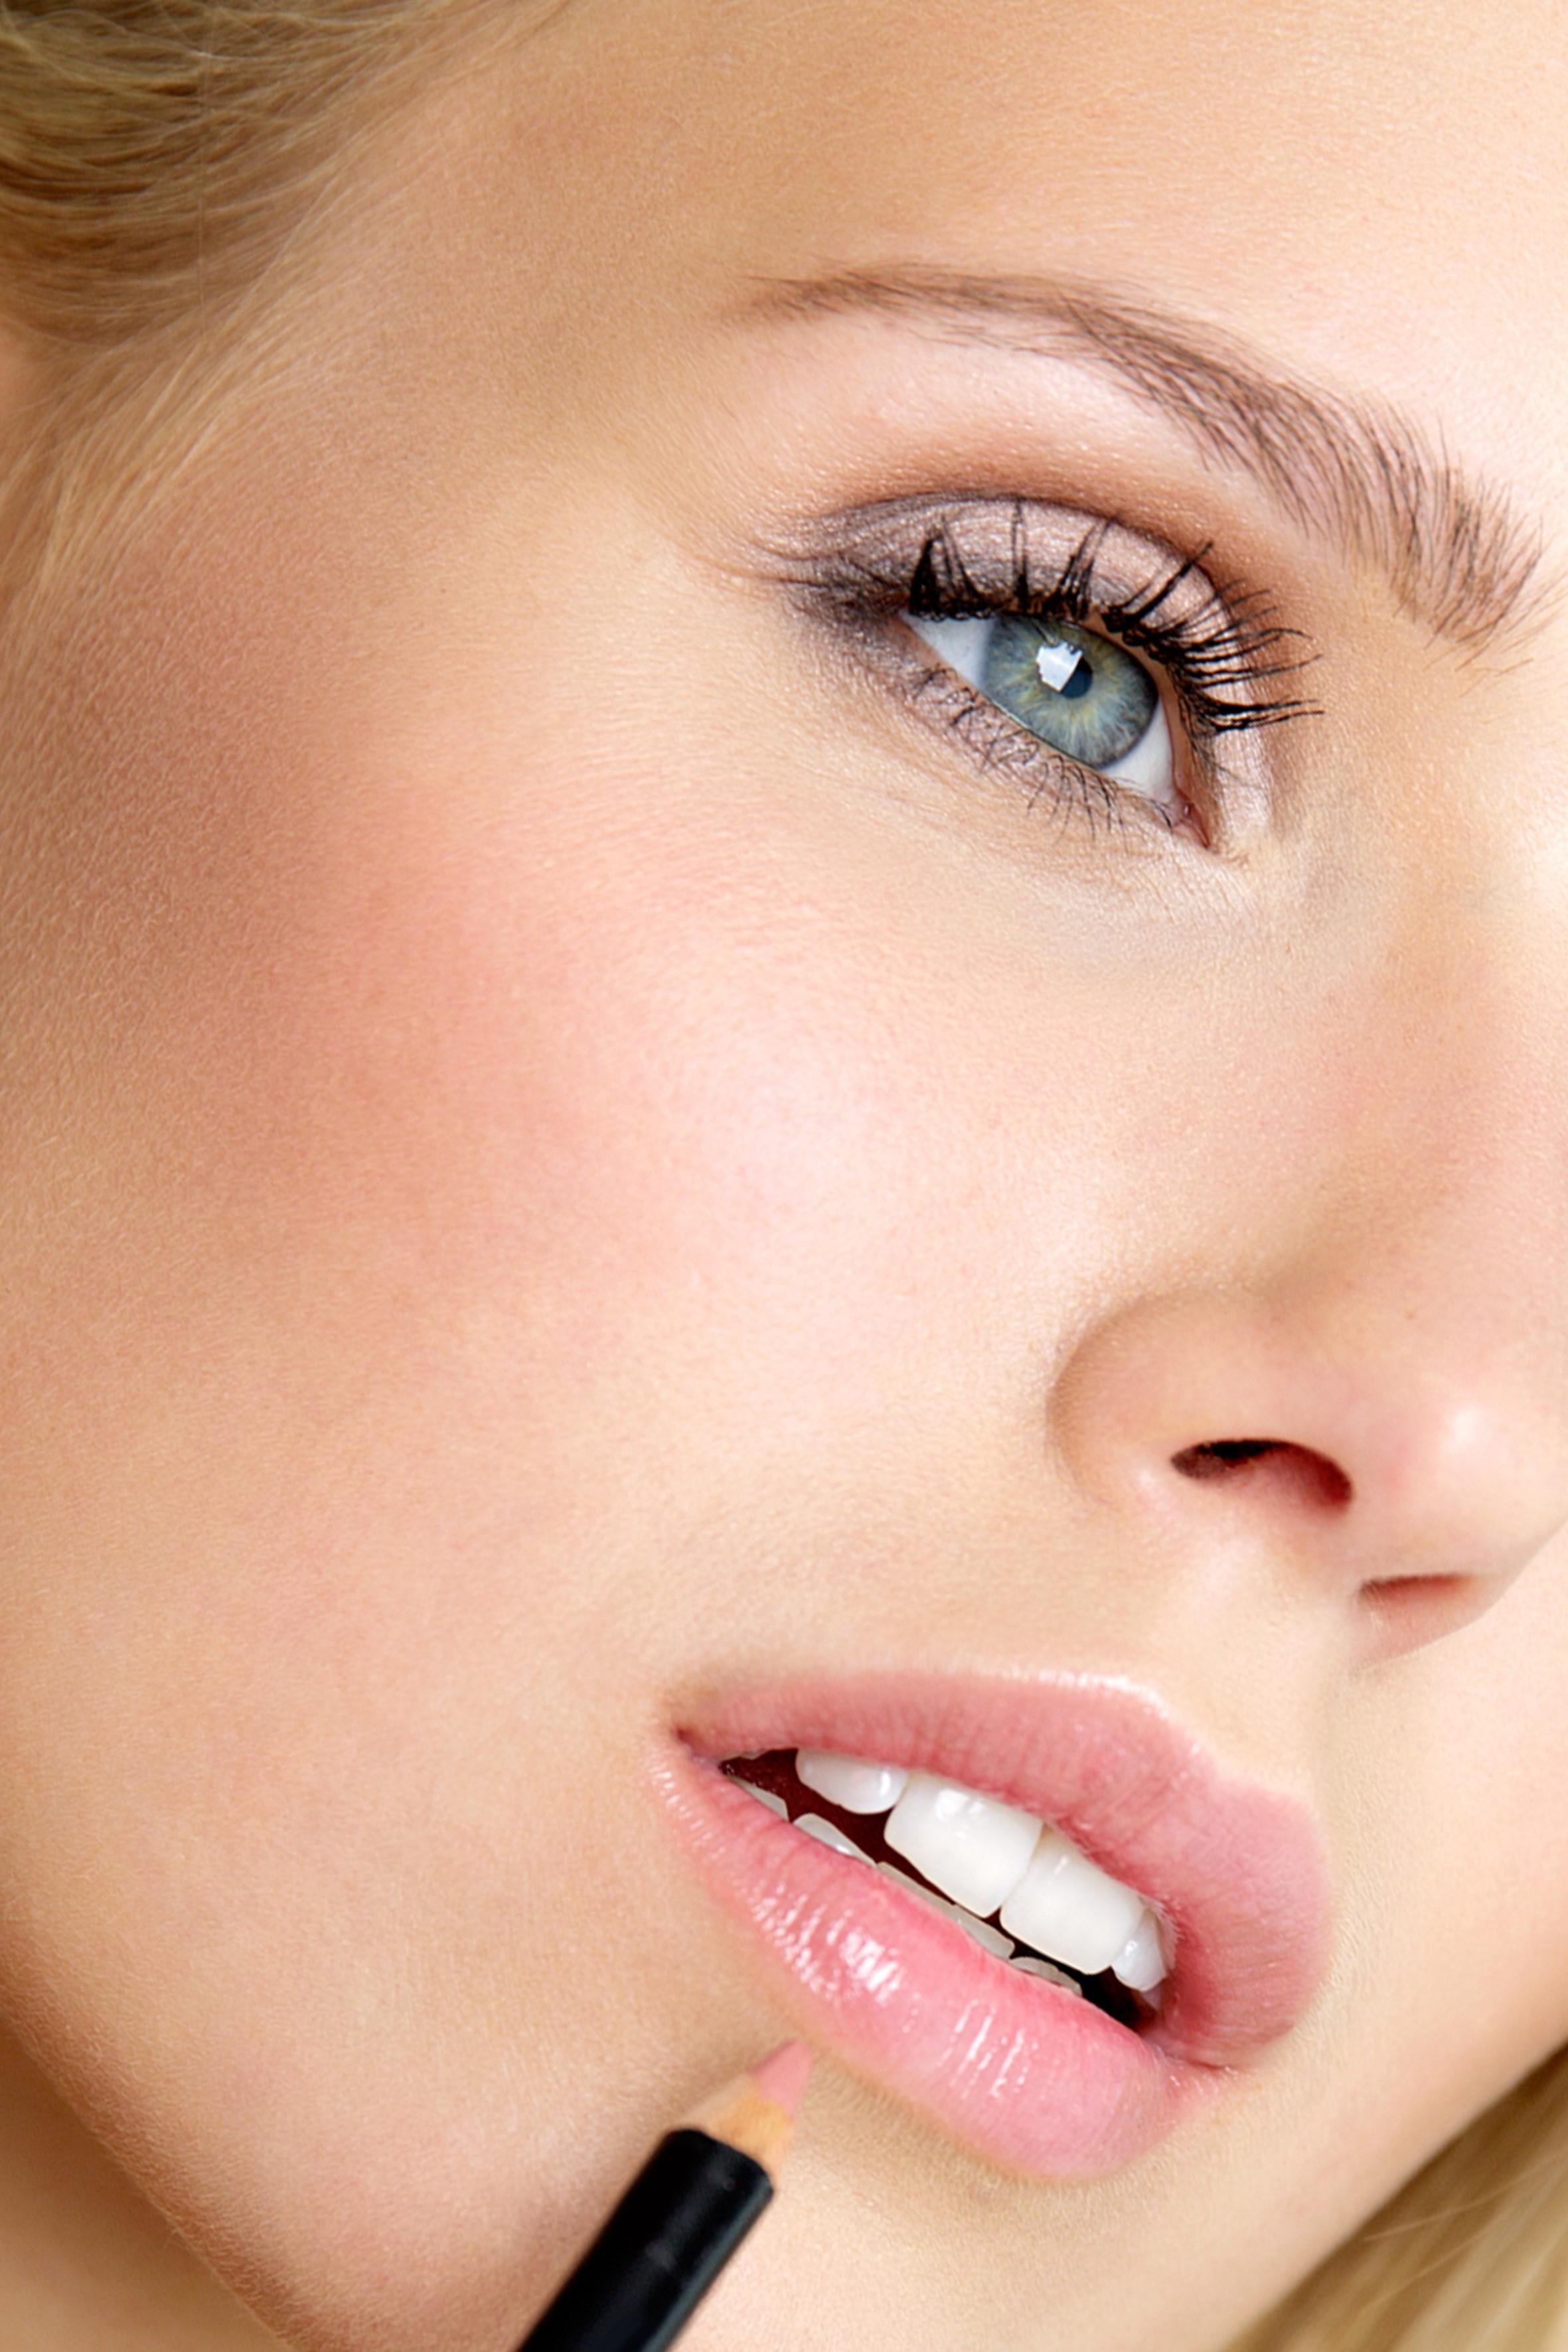 Professionelles Beauty Make up für Werbung, kommerzielle Kampagnen